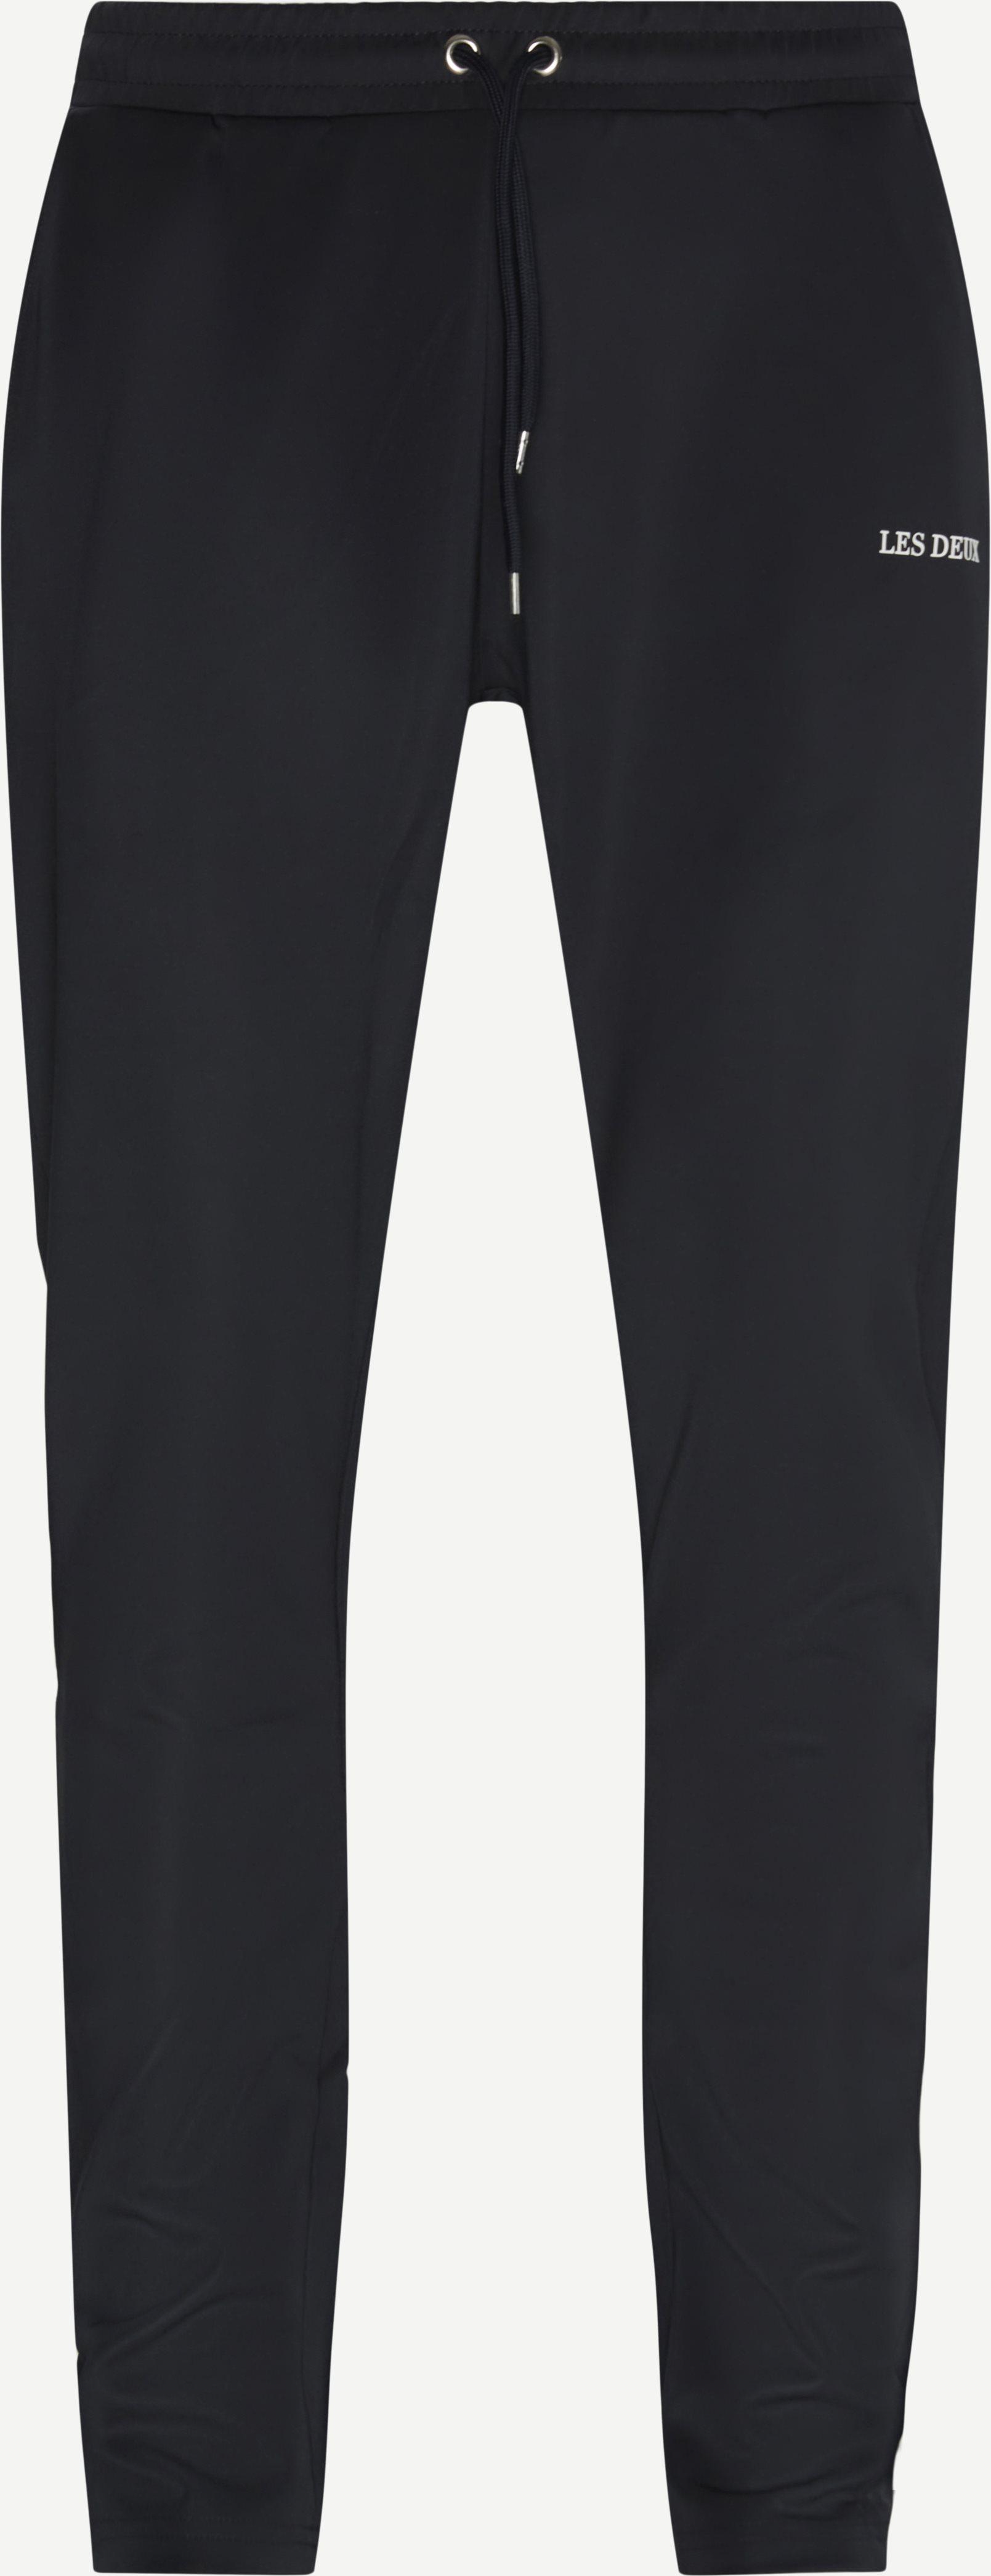 Ballier Track Pant - Bukser - Regular fit - Blå